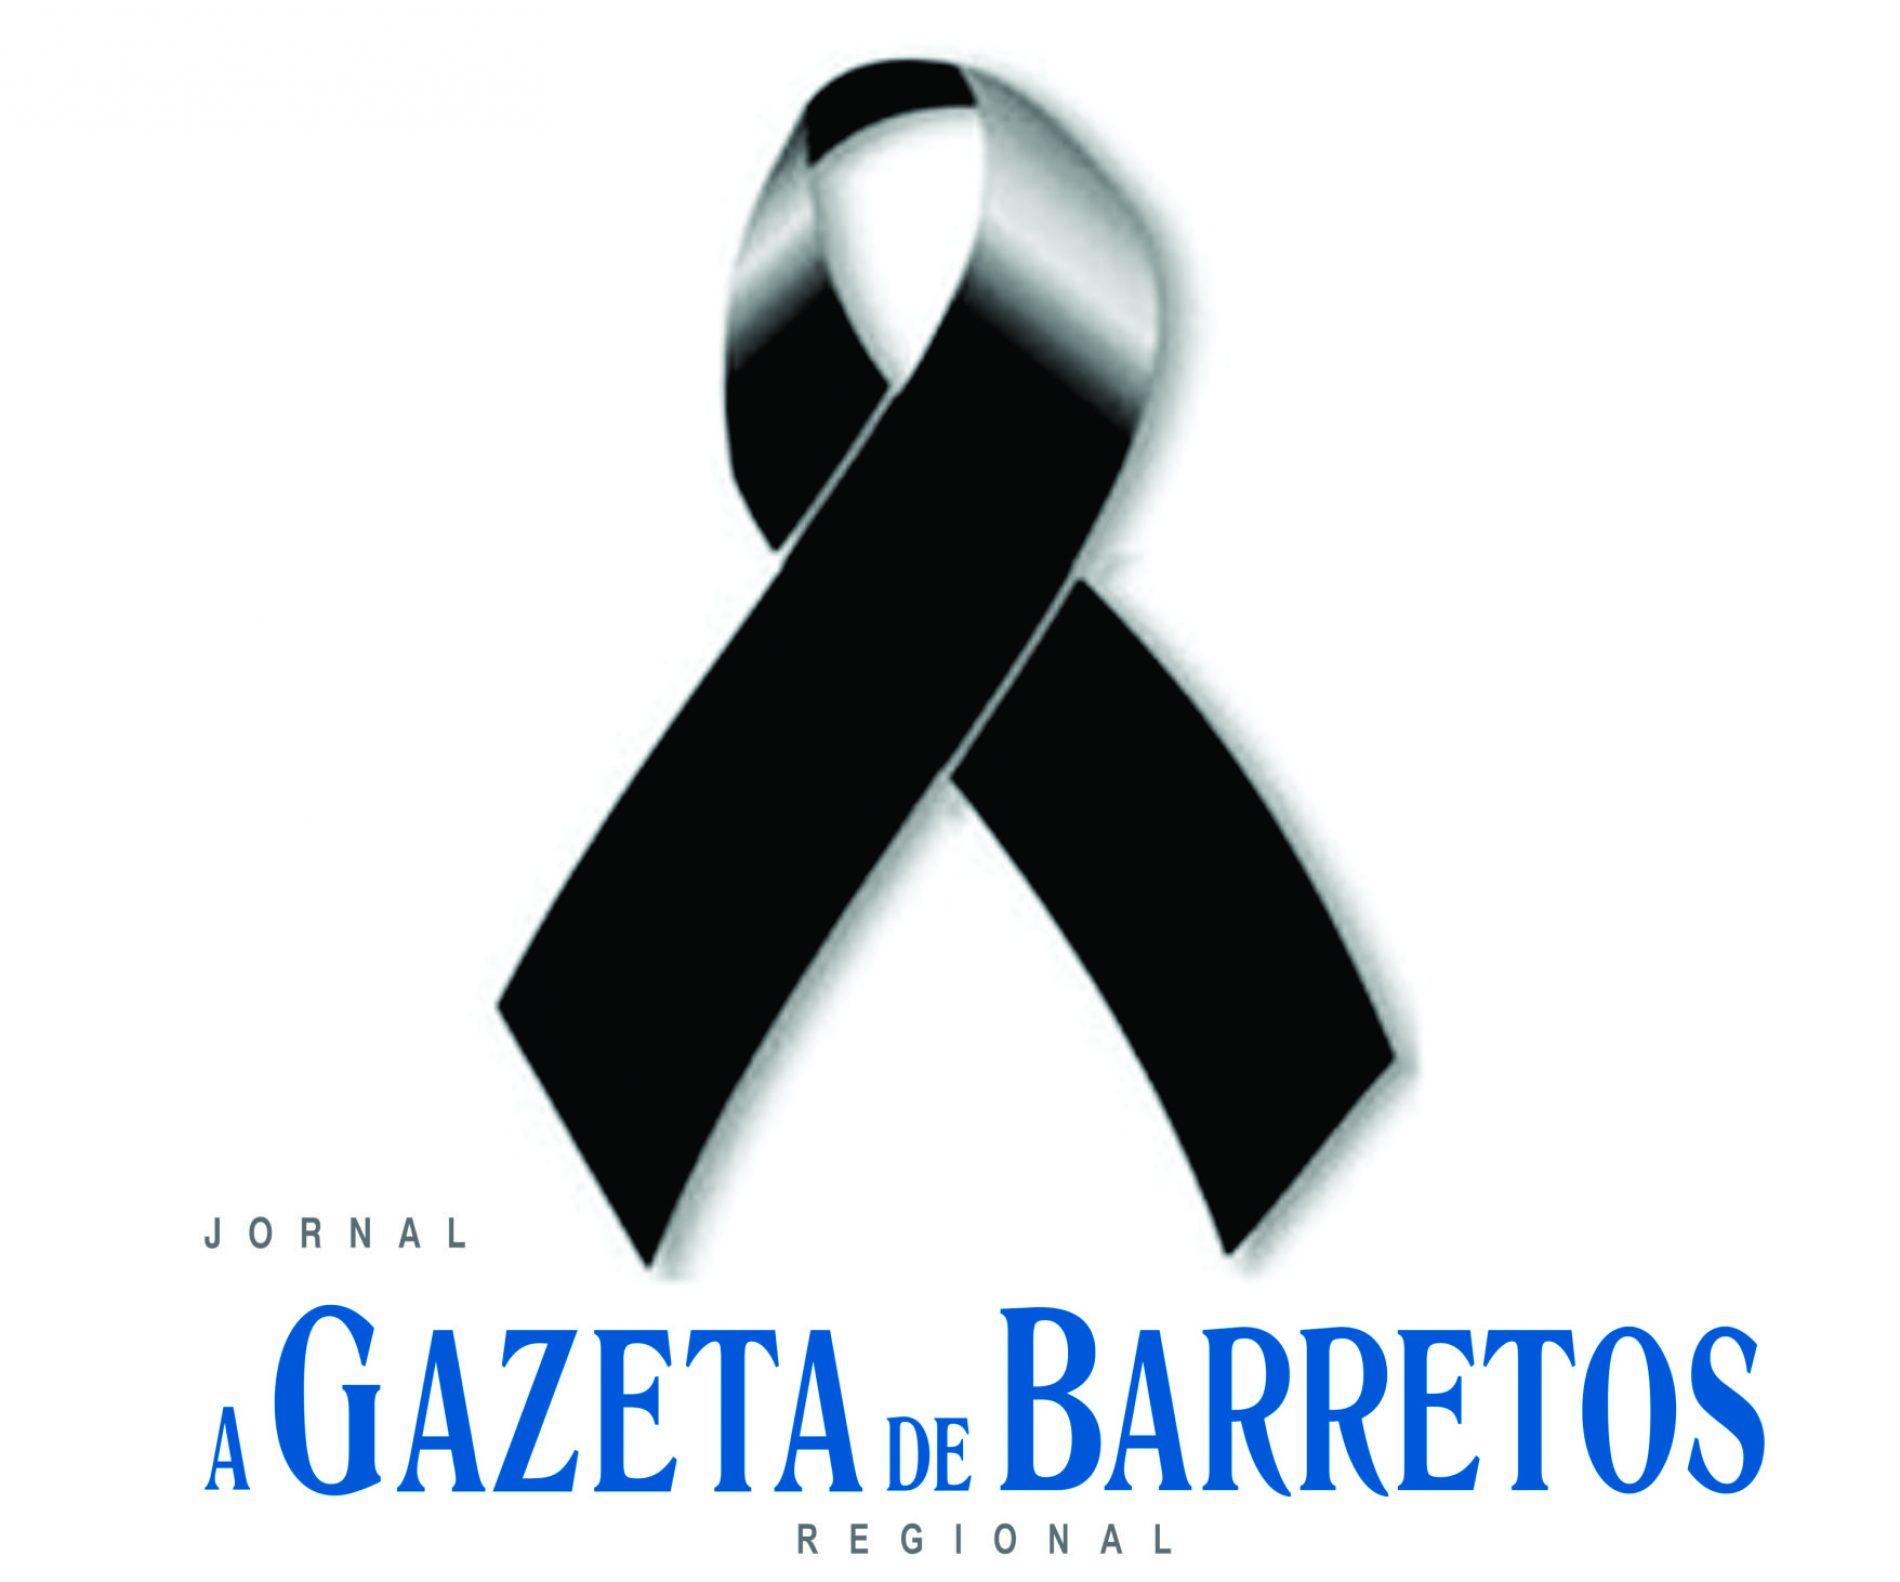 MORTES EM BARRETOS HOJE 31/07/2018